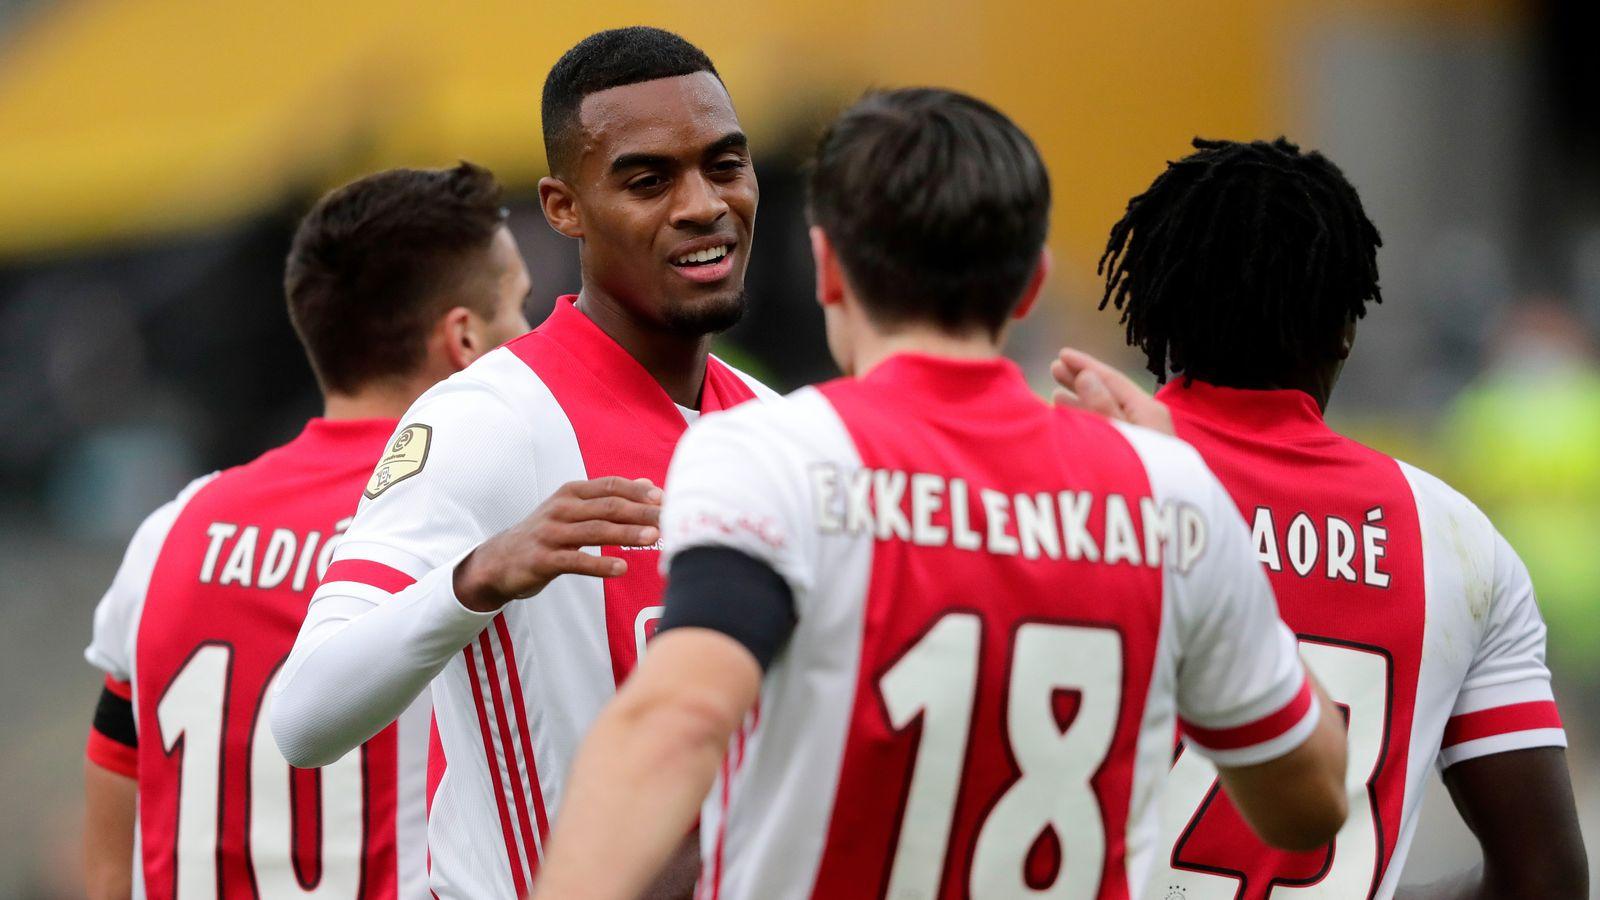 Covid-19 tấn công Champions League: Mới đây nhất câu lạc bộ Ajax có đến 11 cầu thủ dương tính với Covid-19